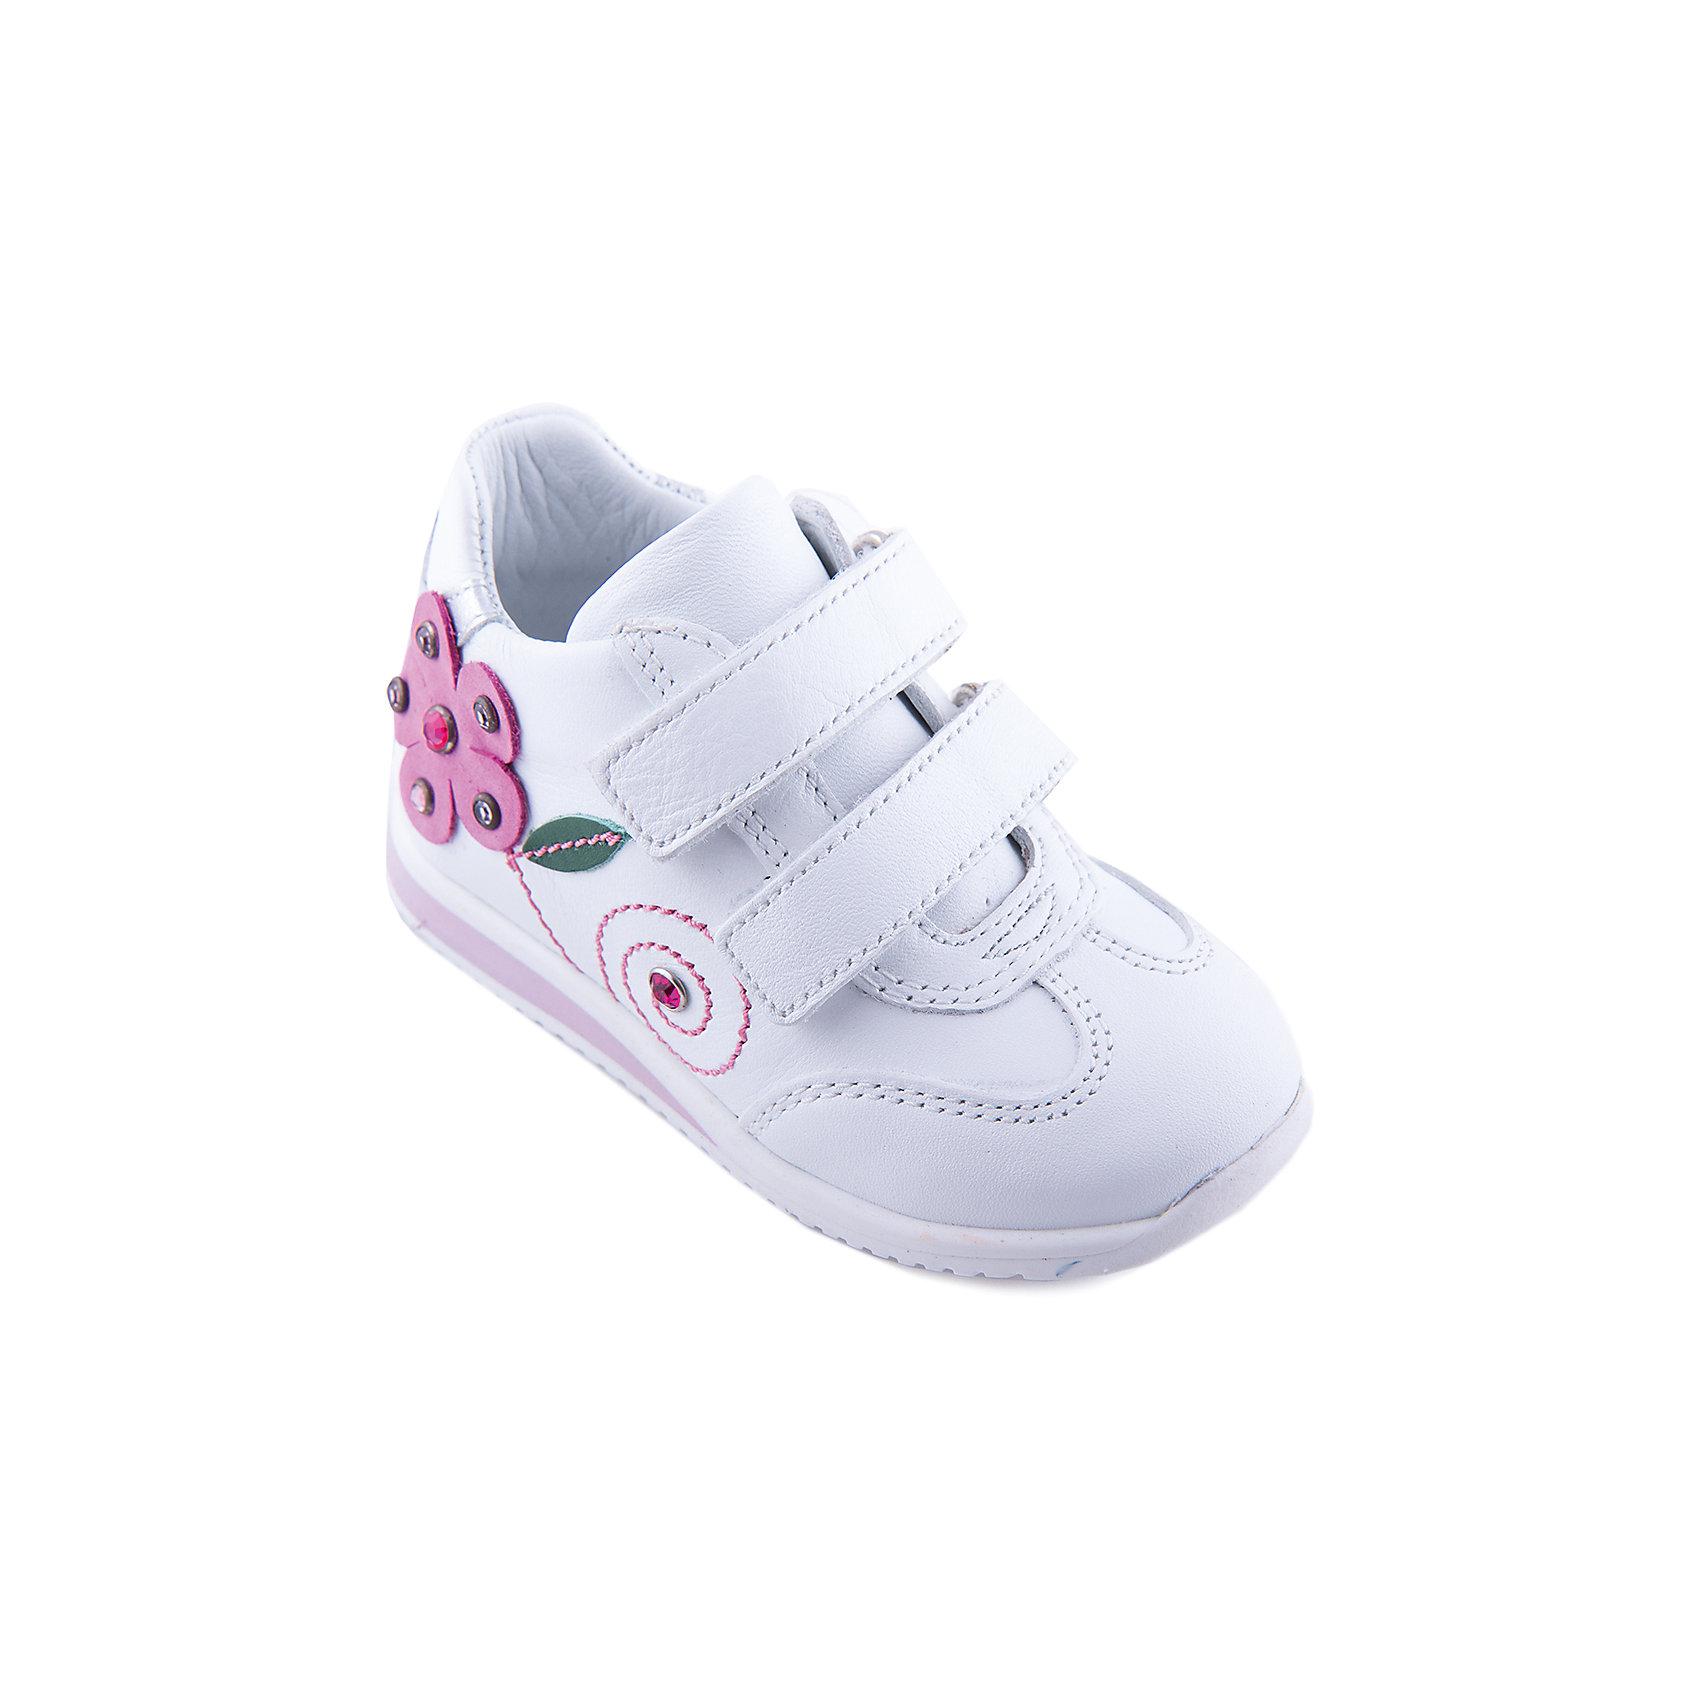 Кроссовки для девочки MinimenСтильные кожаные ортопедические кроссовки для девочки от известного бренда Minimen. Изделие предназначено для использования в сухую погоду при температуре воздуха выше +10 градусов и обладает следующими особенностями:<br>- белоснежный цвет, аппликация и стразы;<br>- усиленный противоударный мыс;<br>- высокий укрепленный задник, надежно фиксирующий пятку;<br>- 2 ремешка с велкро;<br>- мягкая кожаная подкладка;<br>- стелька из натуральной кожи с перфорированным супинатором;<br>- легкая нескользящая подошва с небольшим возвышением в области пятки (около 10 мм).<br>Идеальные кроссовки для самых любимых ножек!<br><br>Дополнительная информация:<br>- Температурный режим: выше +10 градусов<br>- Состав: <br>Материал верха: натуральная кожа 100%; <br>Материал подкладки: натуральная кожа 100%; <br>Материал подошвы: термопластик 100%<br><br>Кроссовки для девочки Minimen (Минимен) можно купить в нашем магазине<br><br>Ширина мм: 262<br>Глубина мм: 176<br>Высота мм: 97<br>Вес г: 427<br>Цвет: белый<br>Возраст от месяцев: 21<br>Возраст до месяцев: 24<br>Пол: Женский<br>Возраст: Детский<br>Размер: 24,21,25,22,23<br>SKU: 4006109